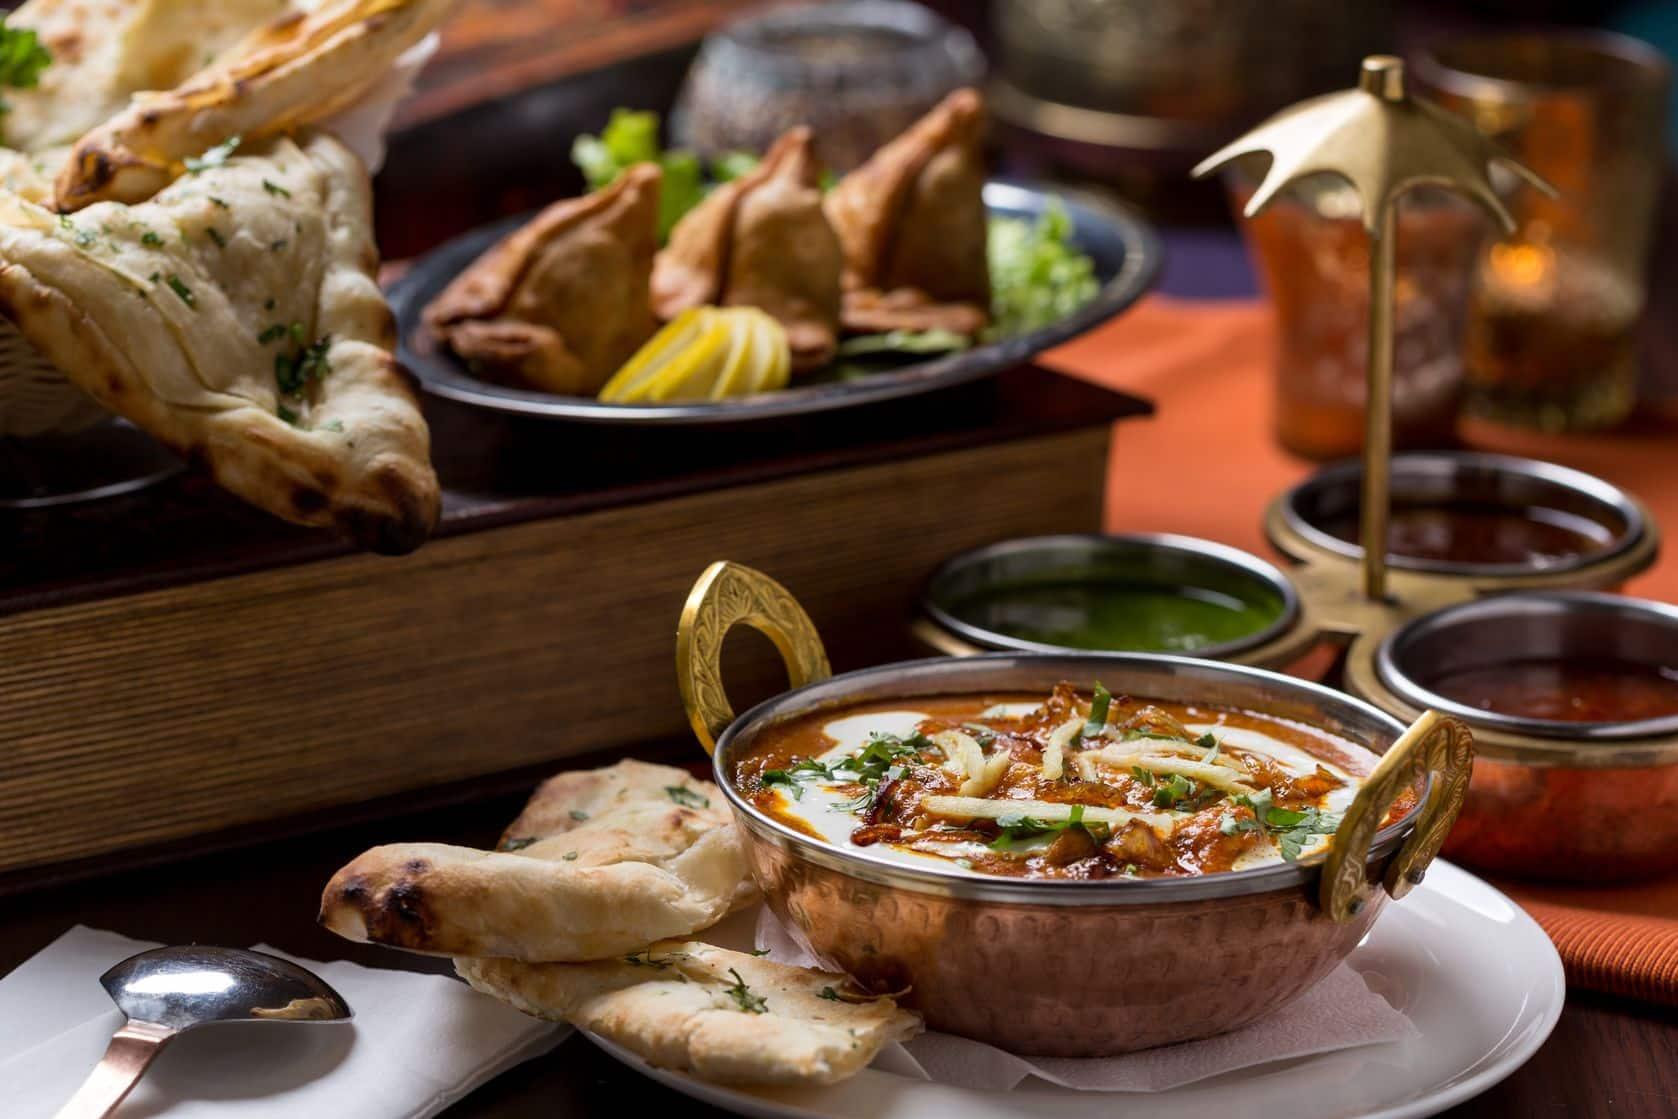 Restaurant Reims pas cher - Indien et pakistanais - halal